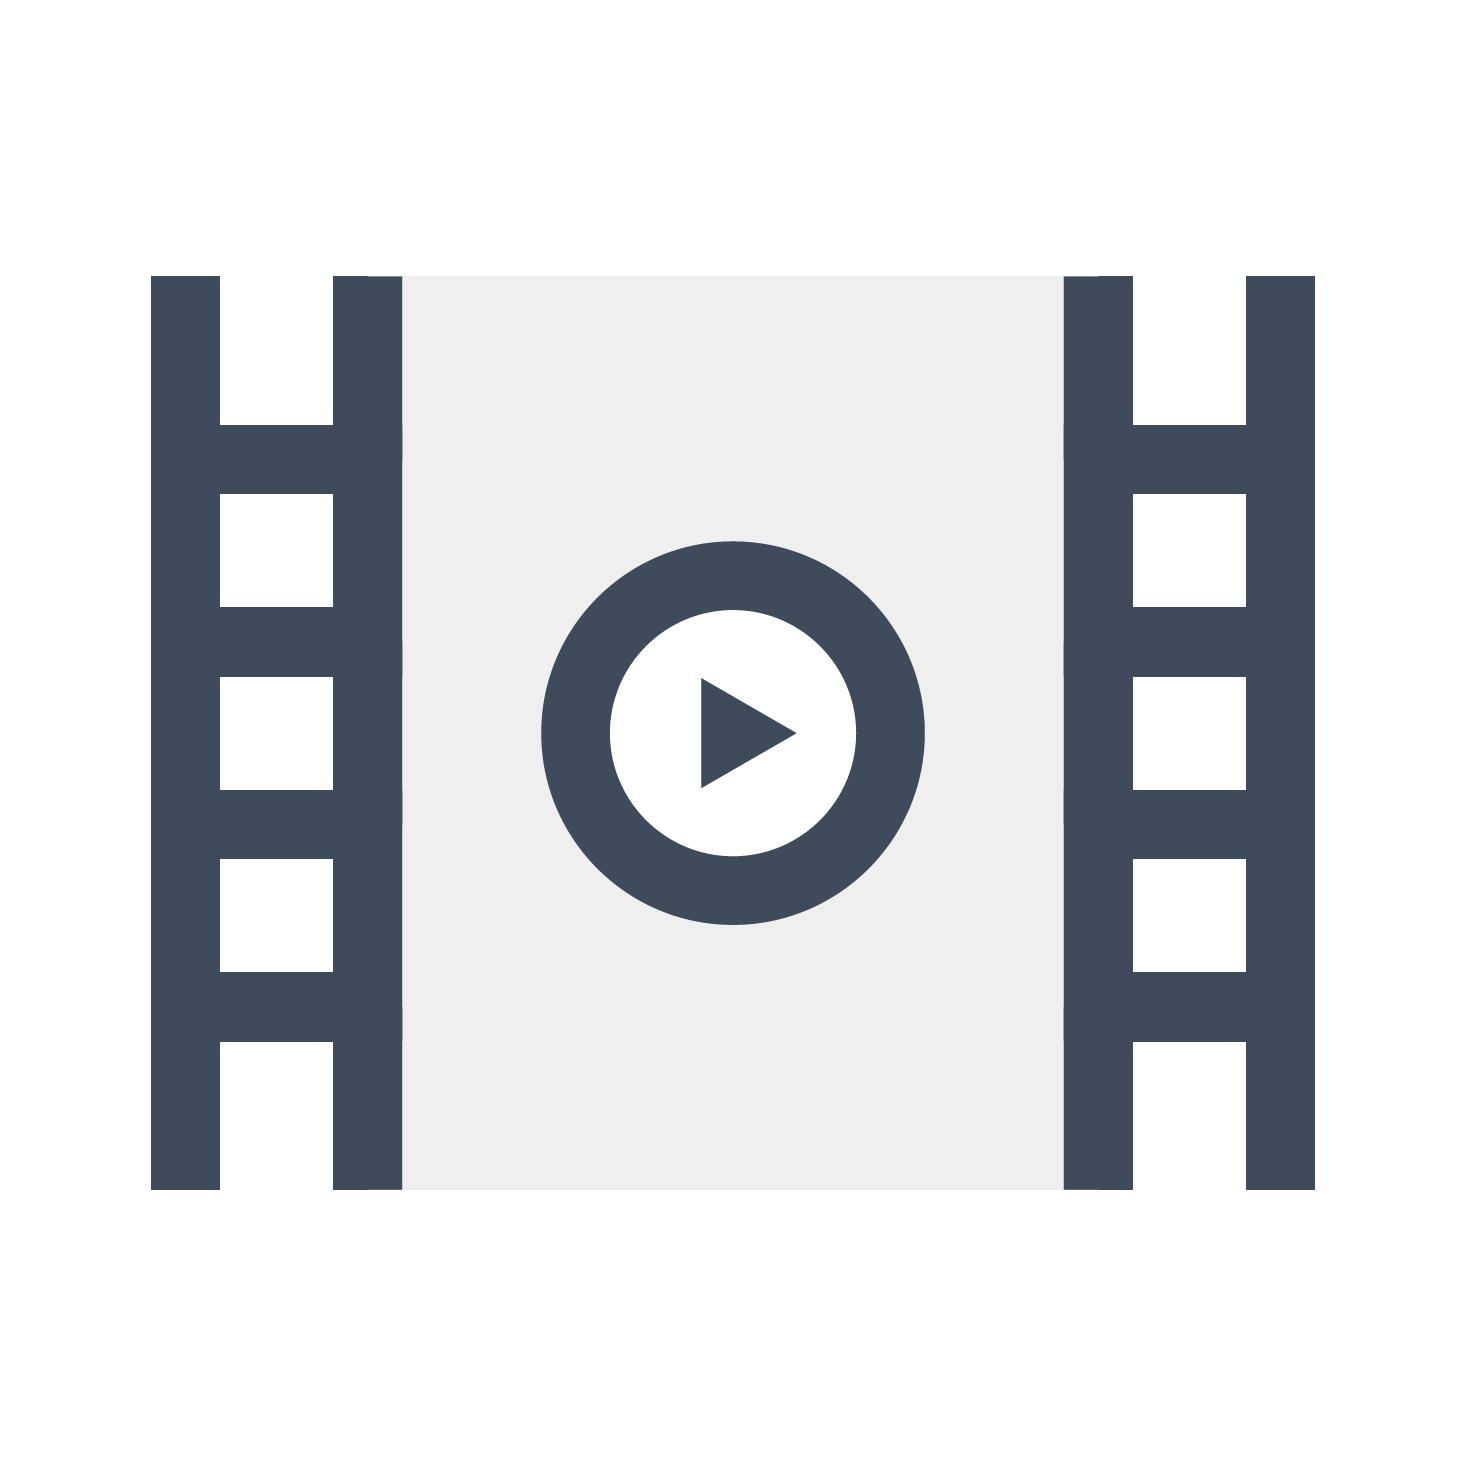 Firmen-Imagevideo